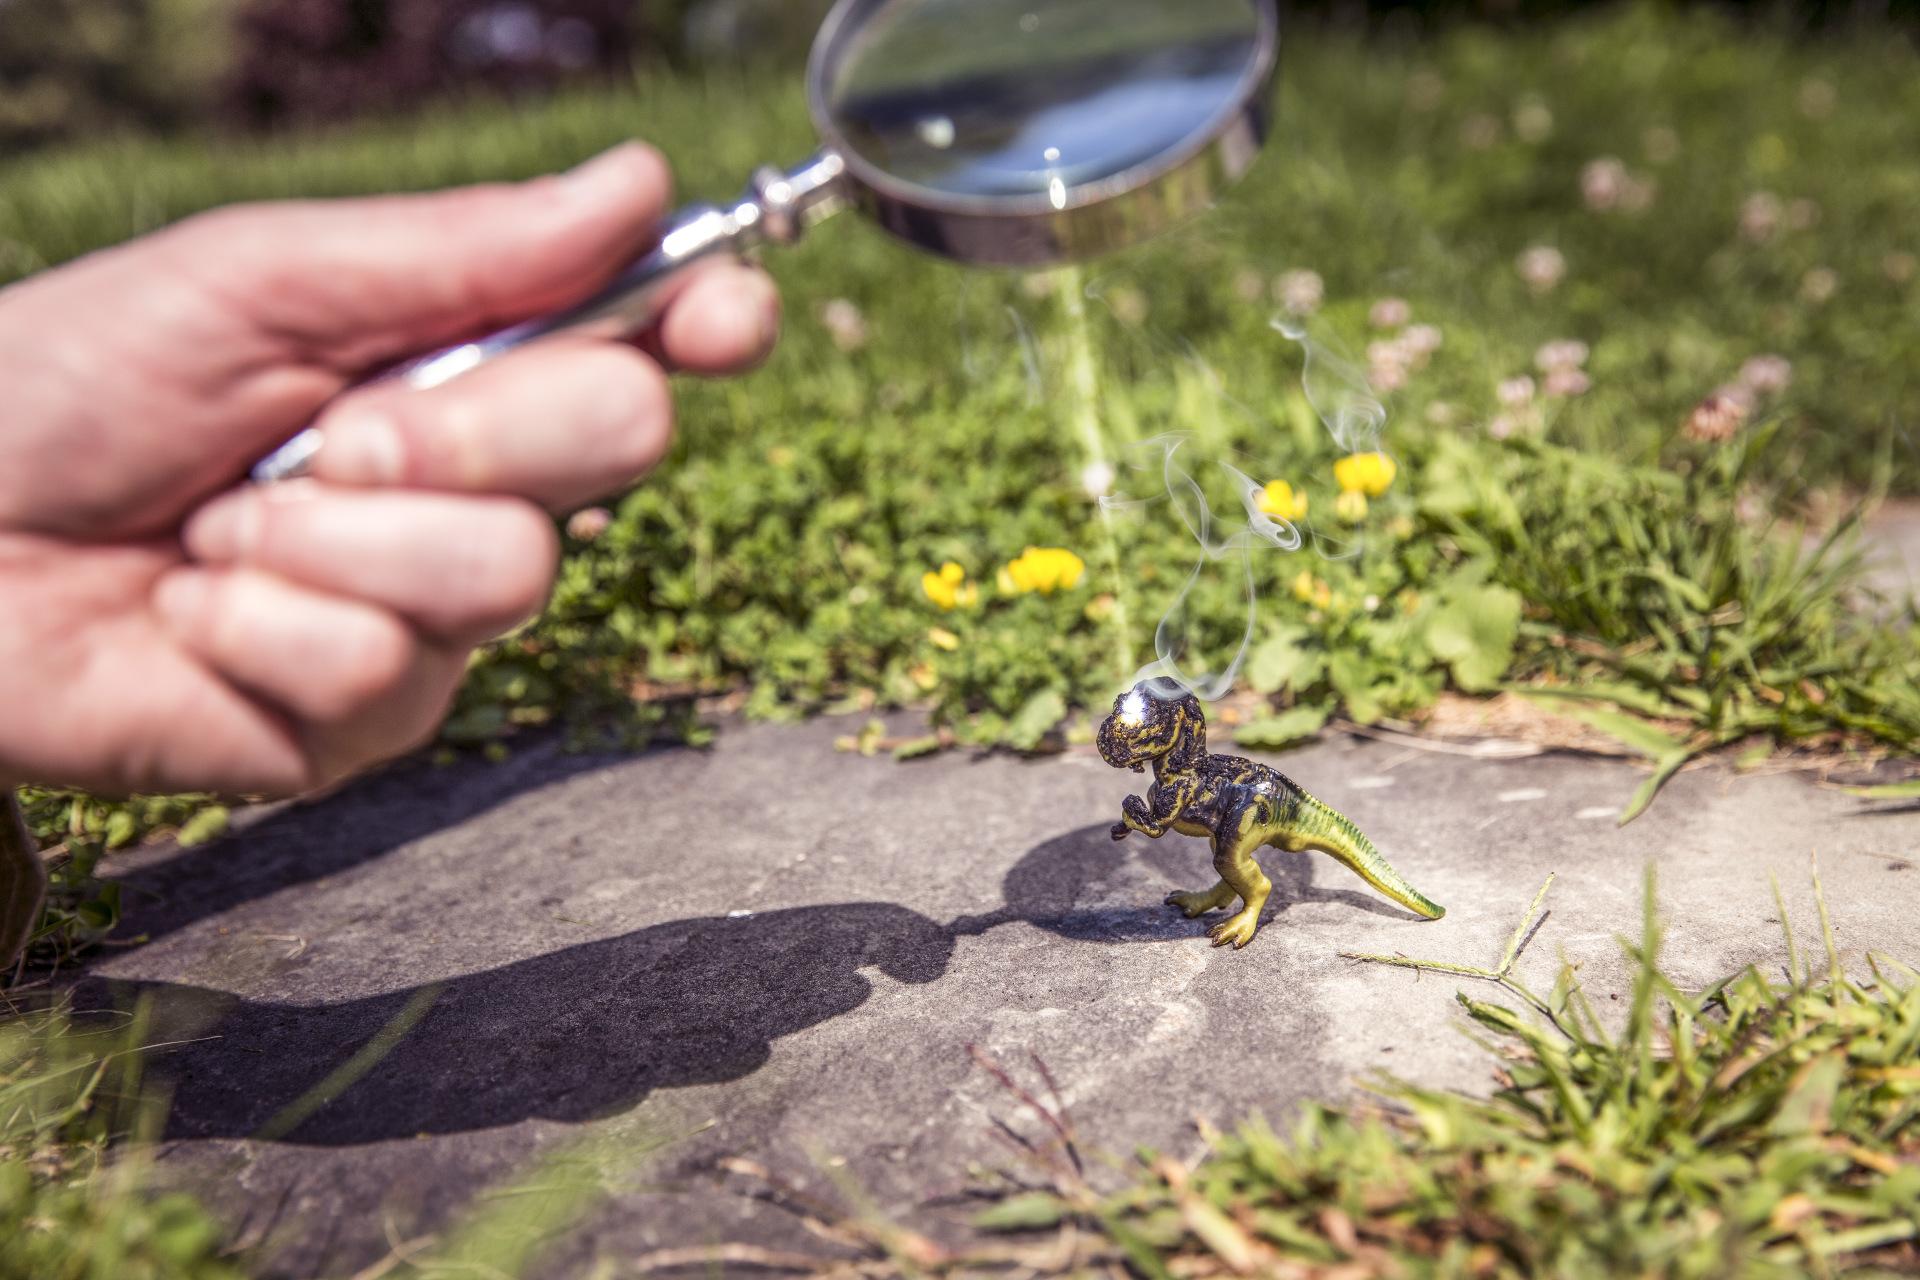 Little dinosaur by Ryan McGuire